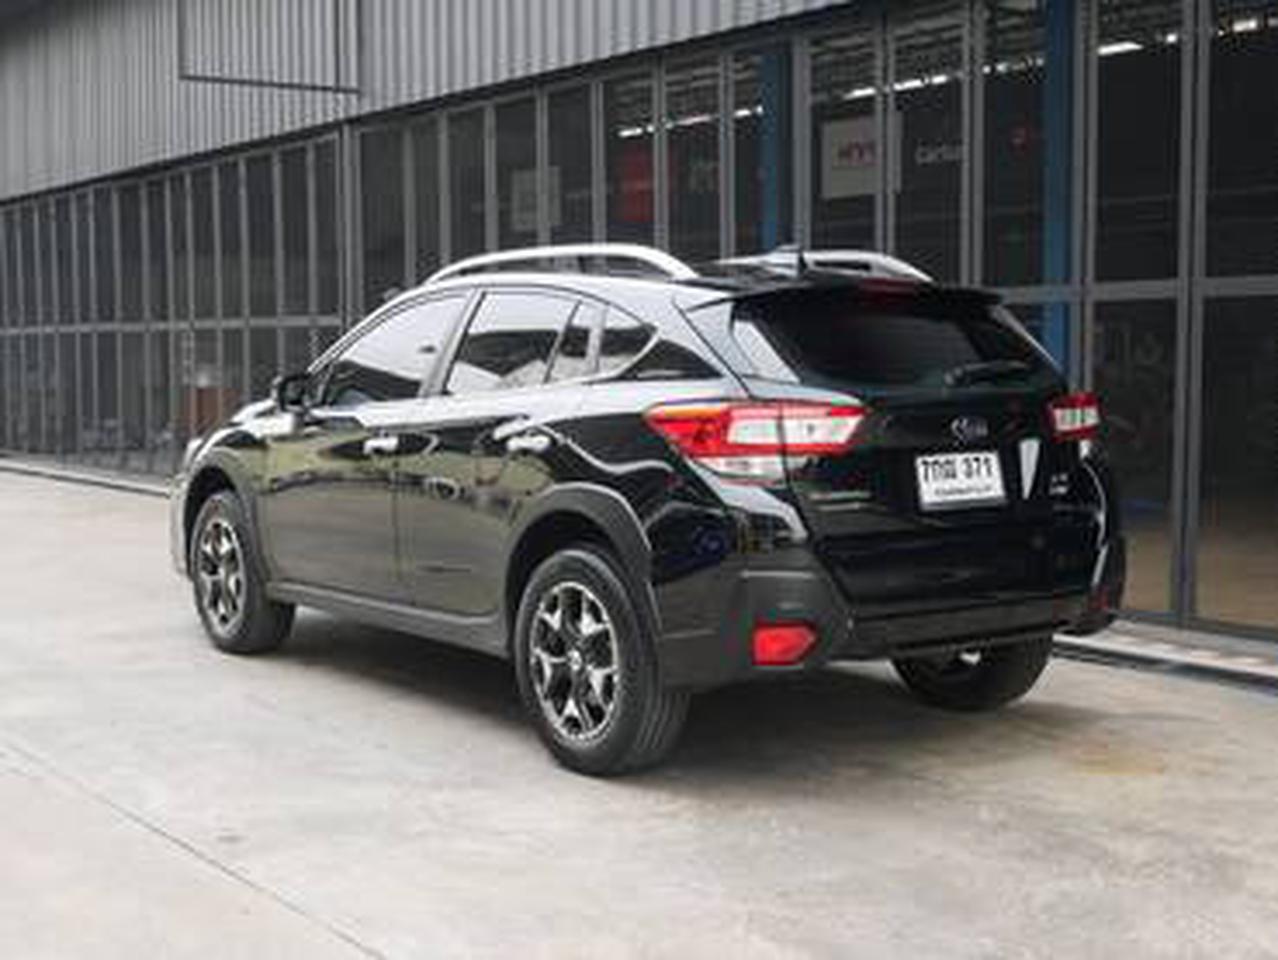 ขายรถ SUBARU XV 2.0i P 2018 รถเครื่อง 2000 cc ขับ 4 คันนี้ เลขไมล์ 6x,xxx กิโลเมตร เป็นรถที่ใช้งานได้ดีมากก รูปที่ 1